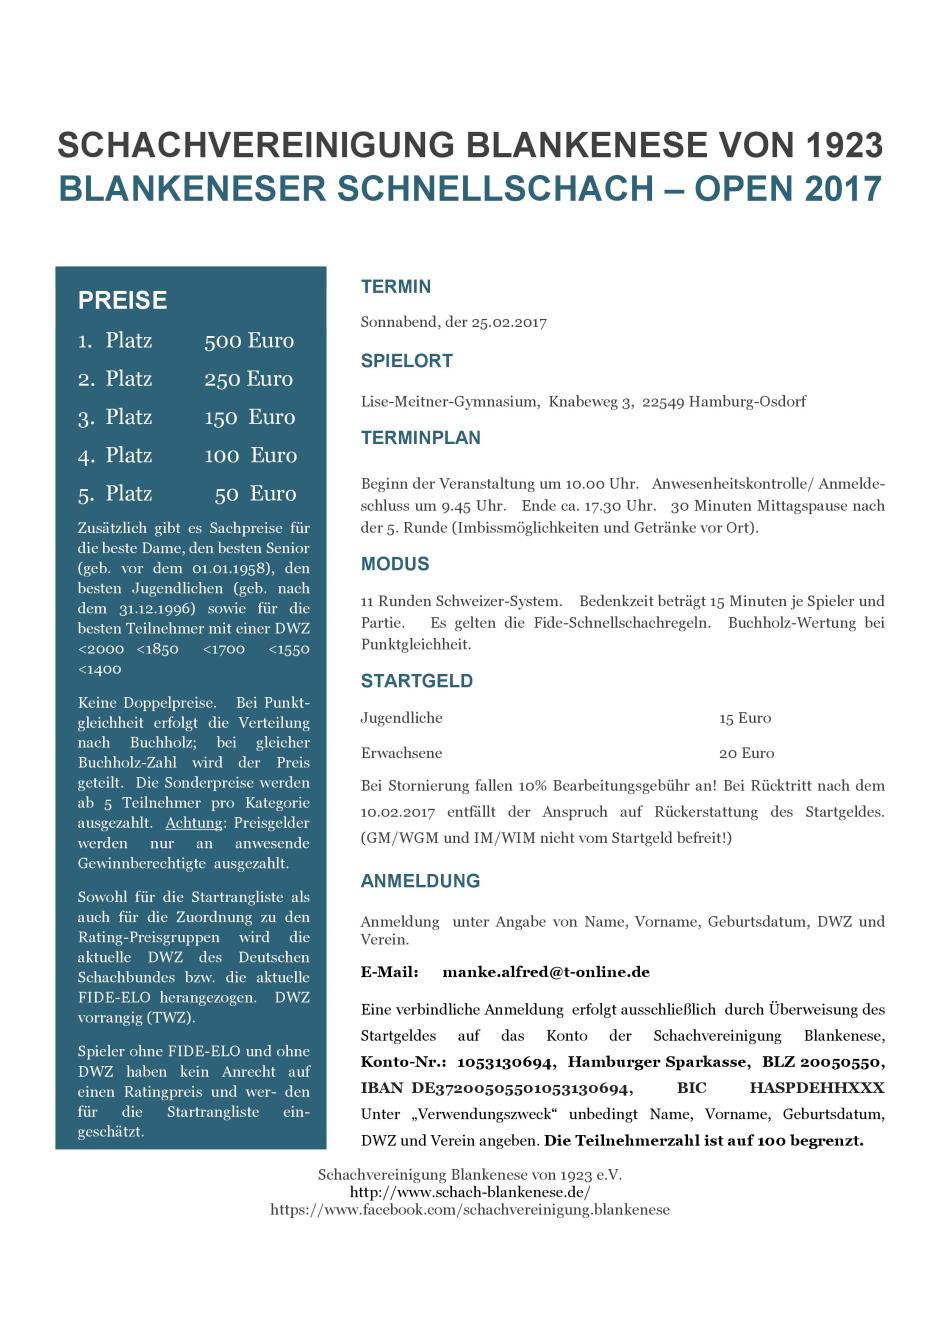 blankeneser-schnellschach-open-2017